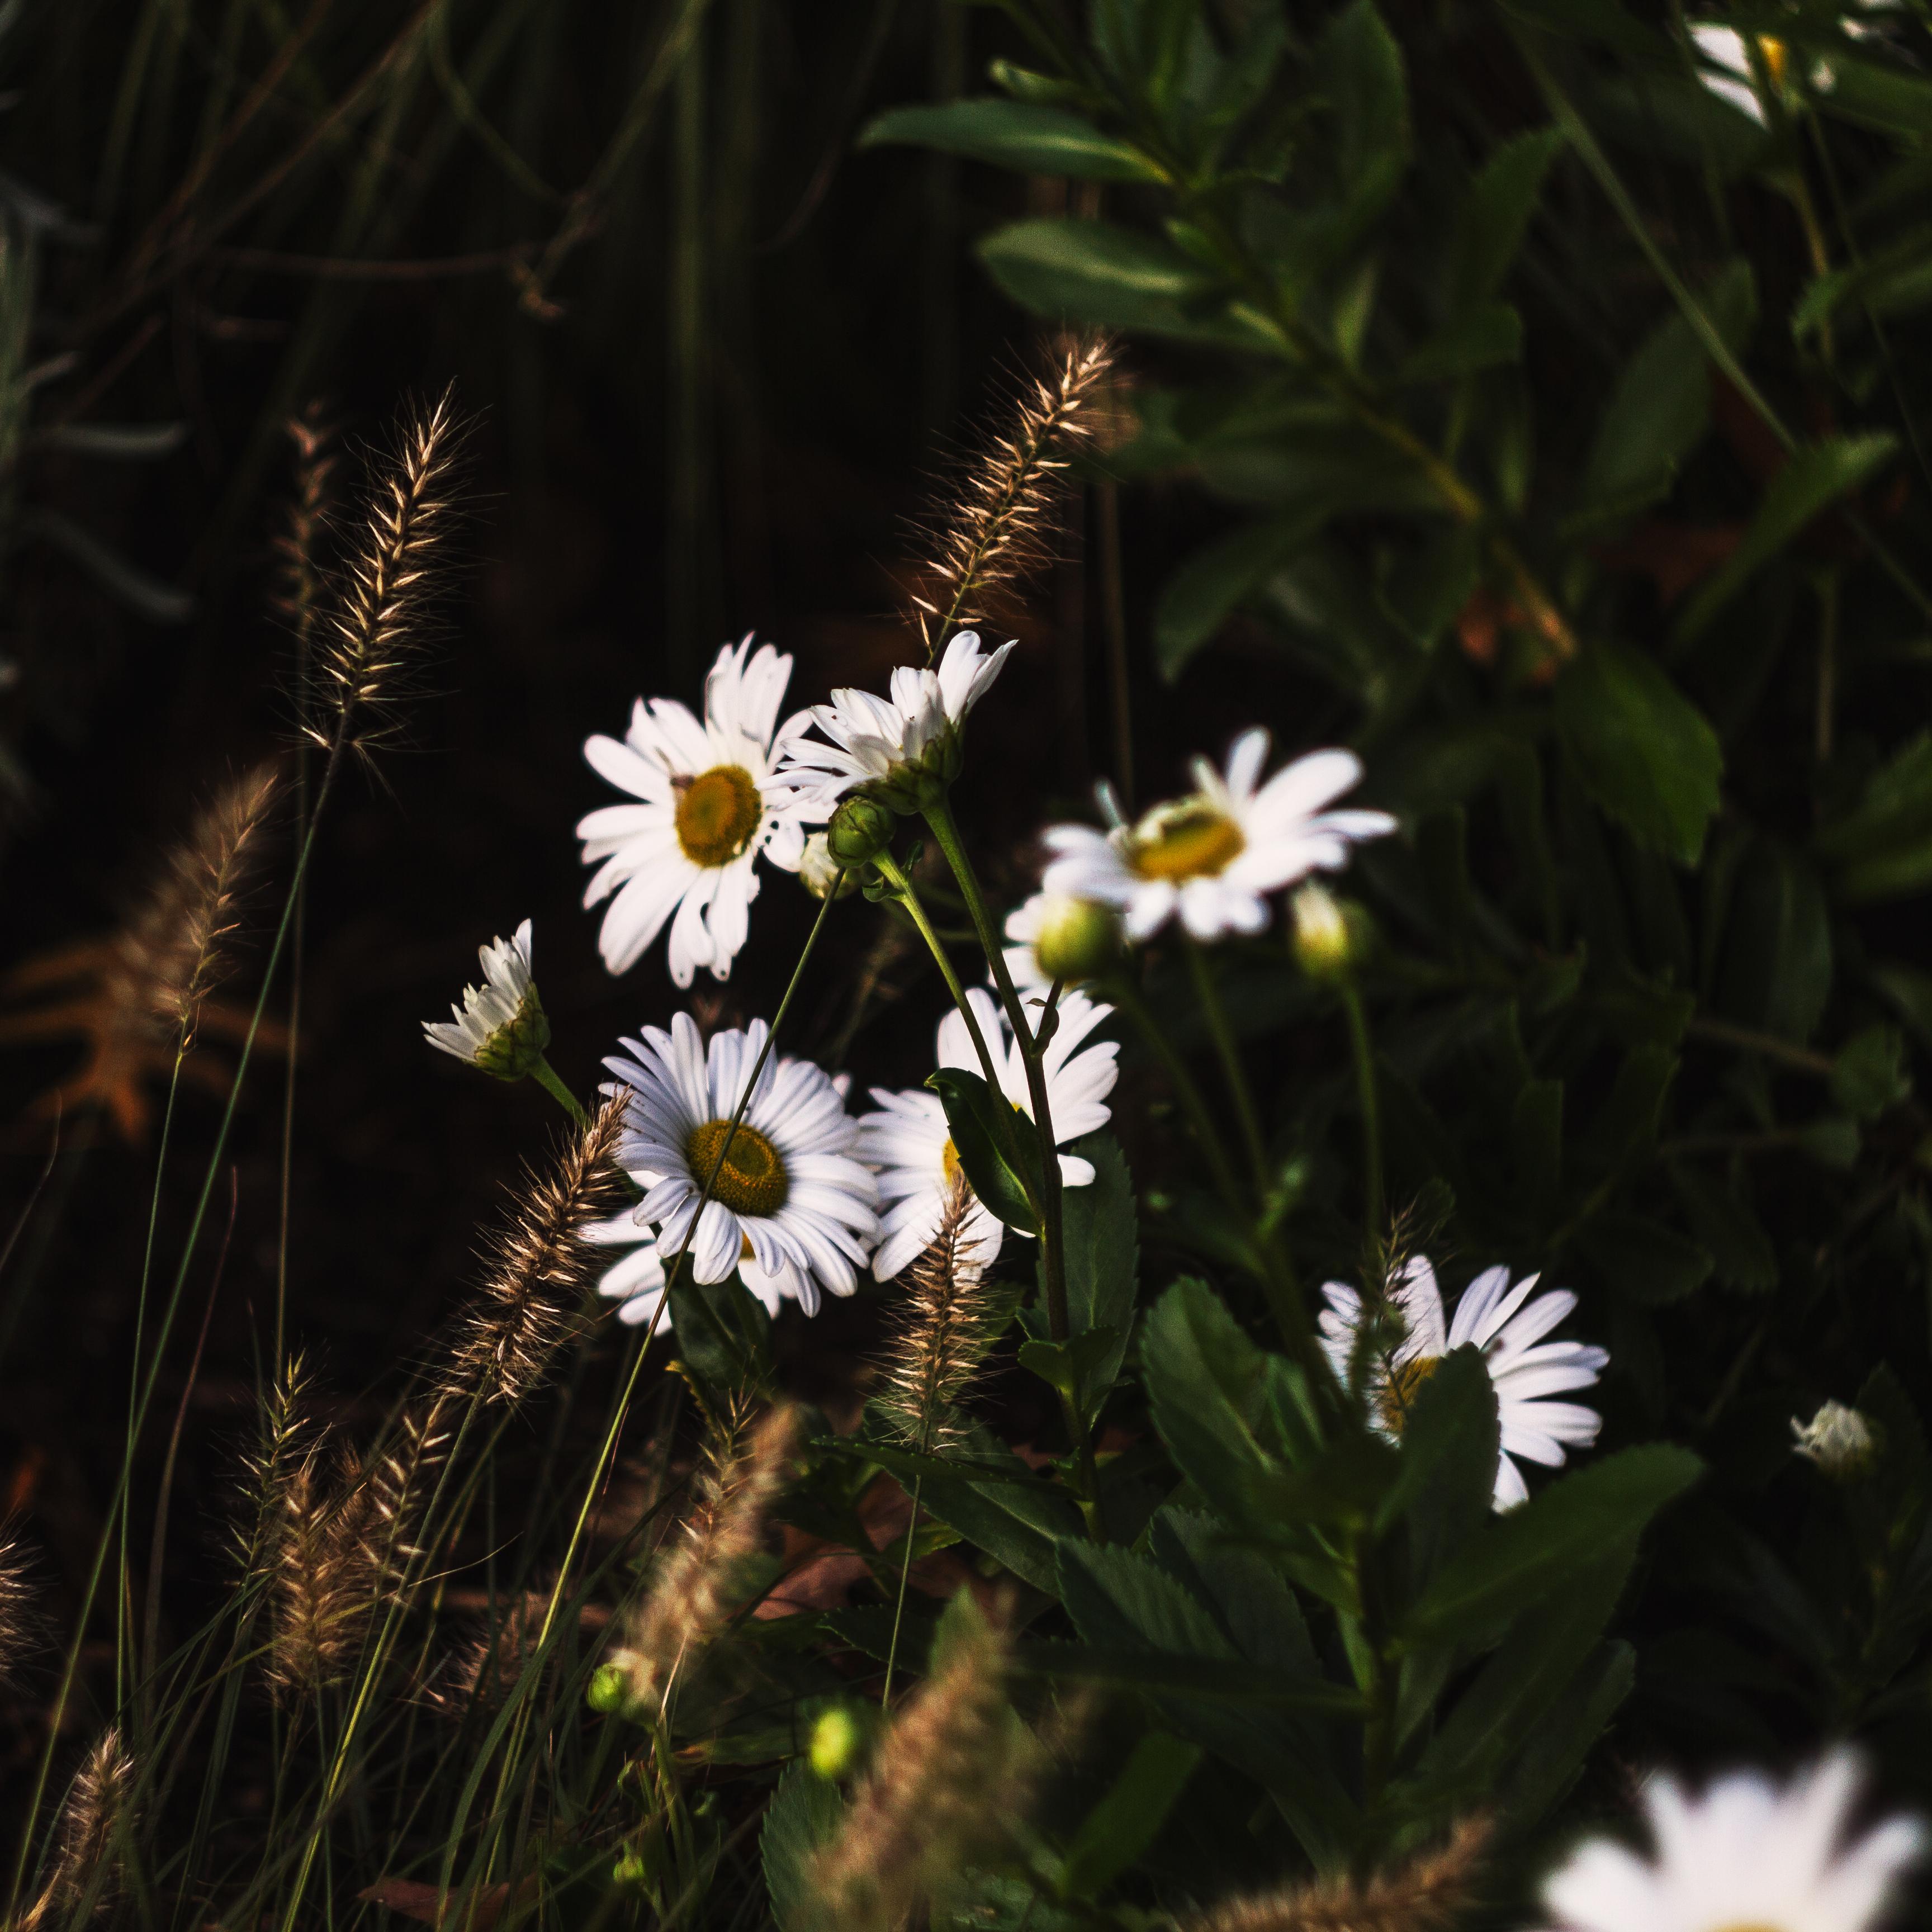 Autumn Daisys